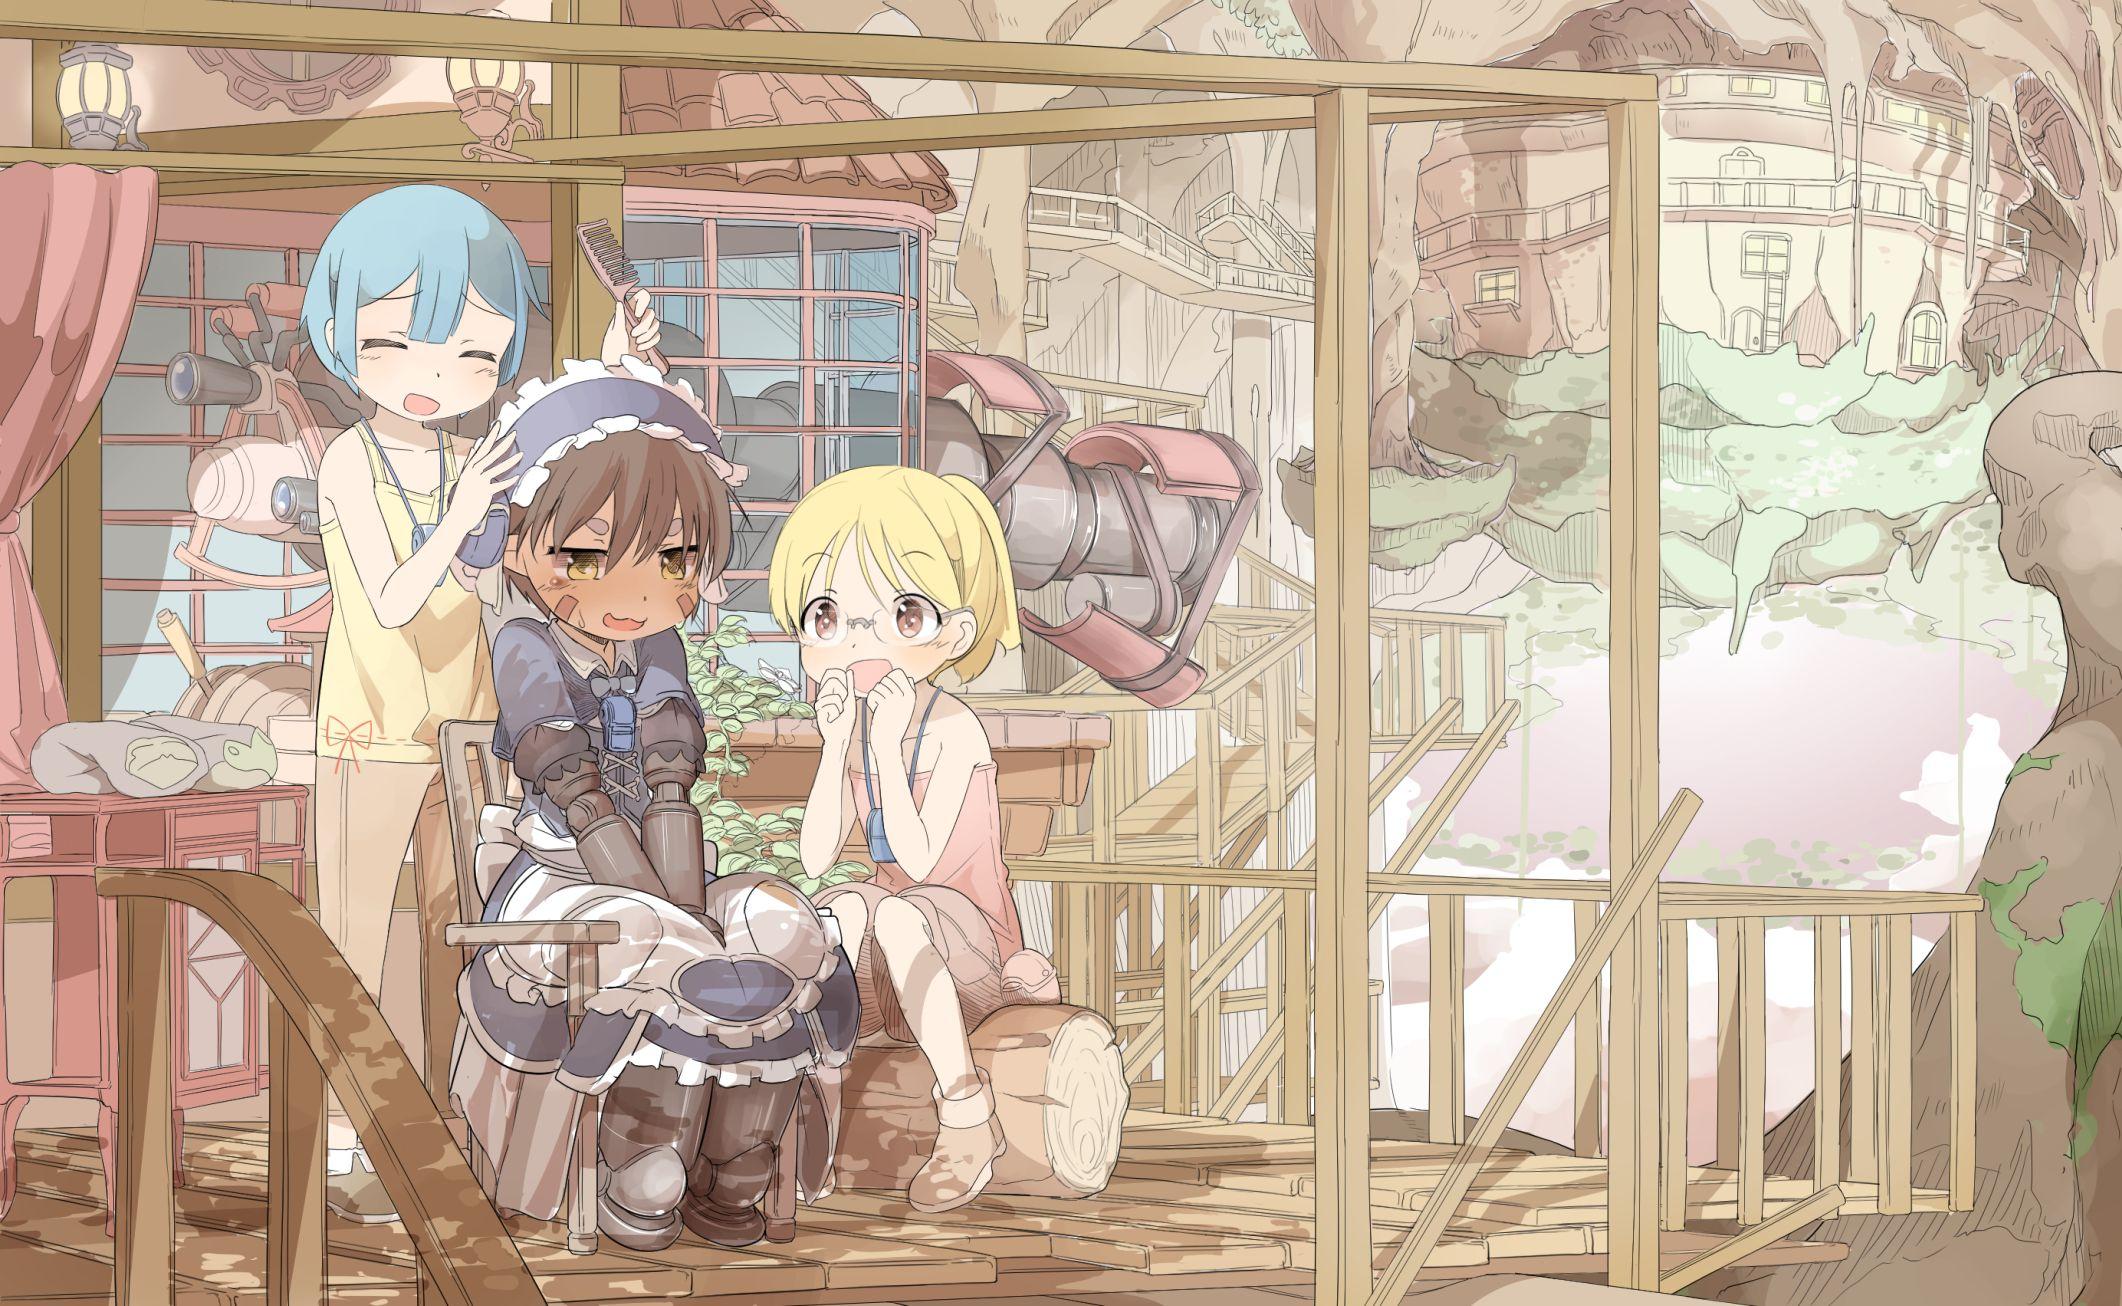 ボード anime manga and character art のピン